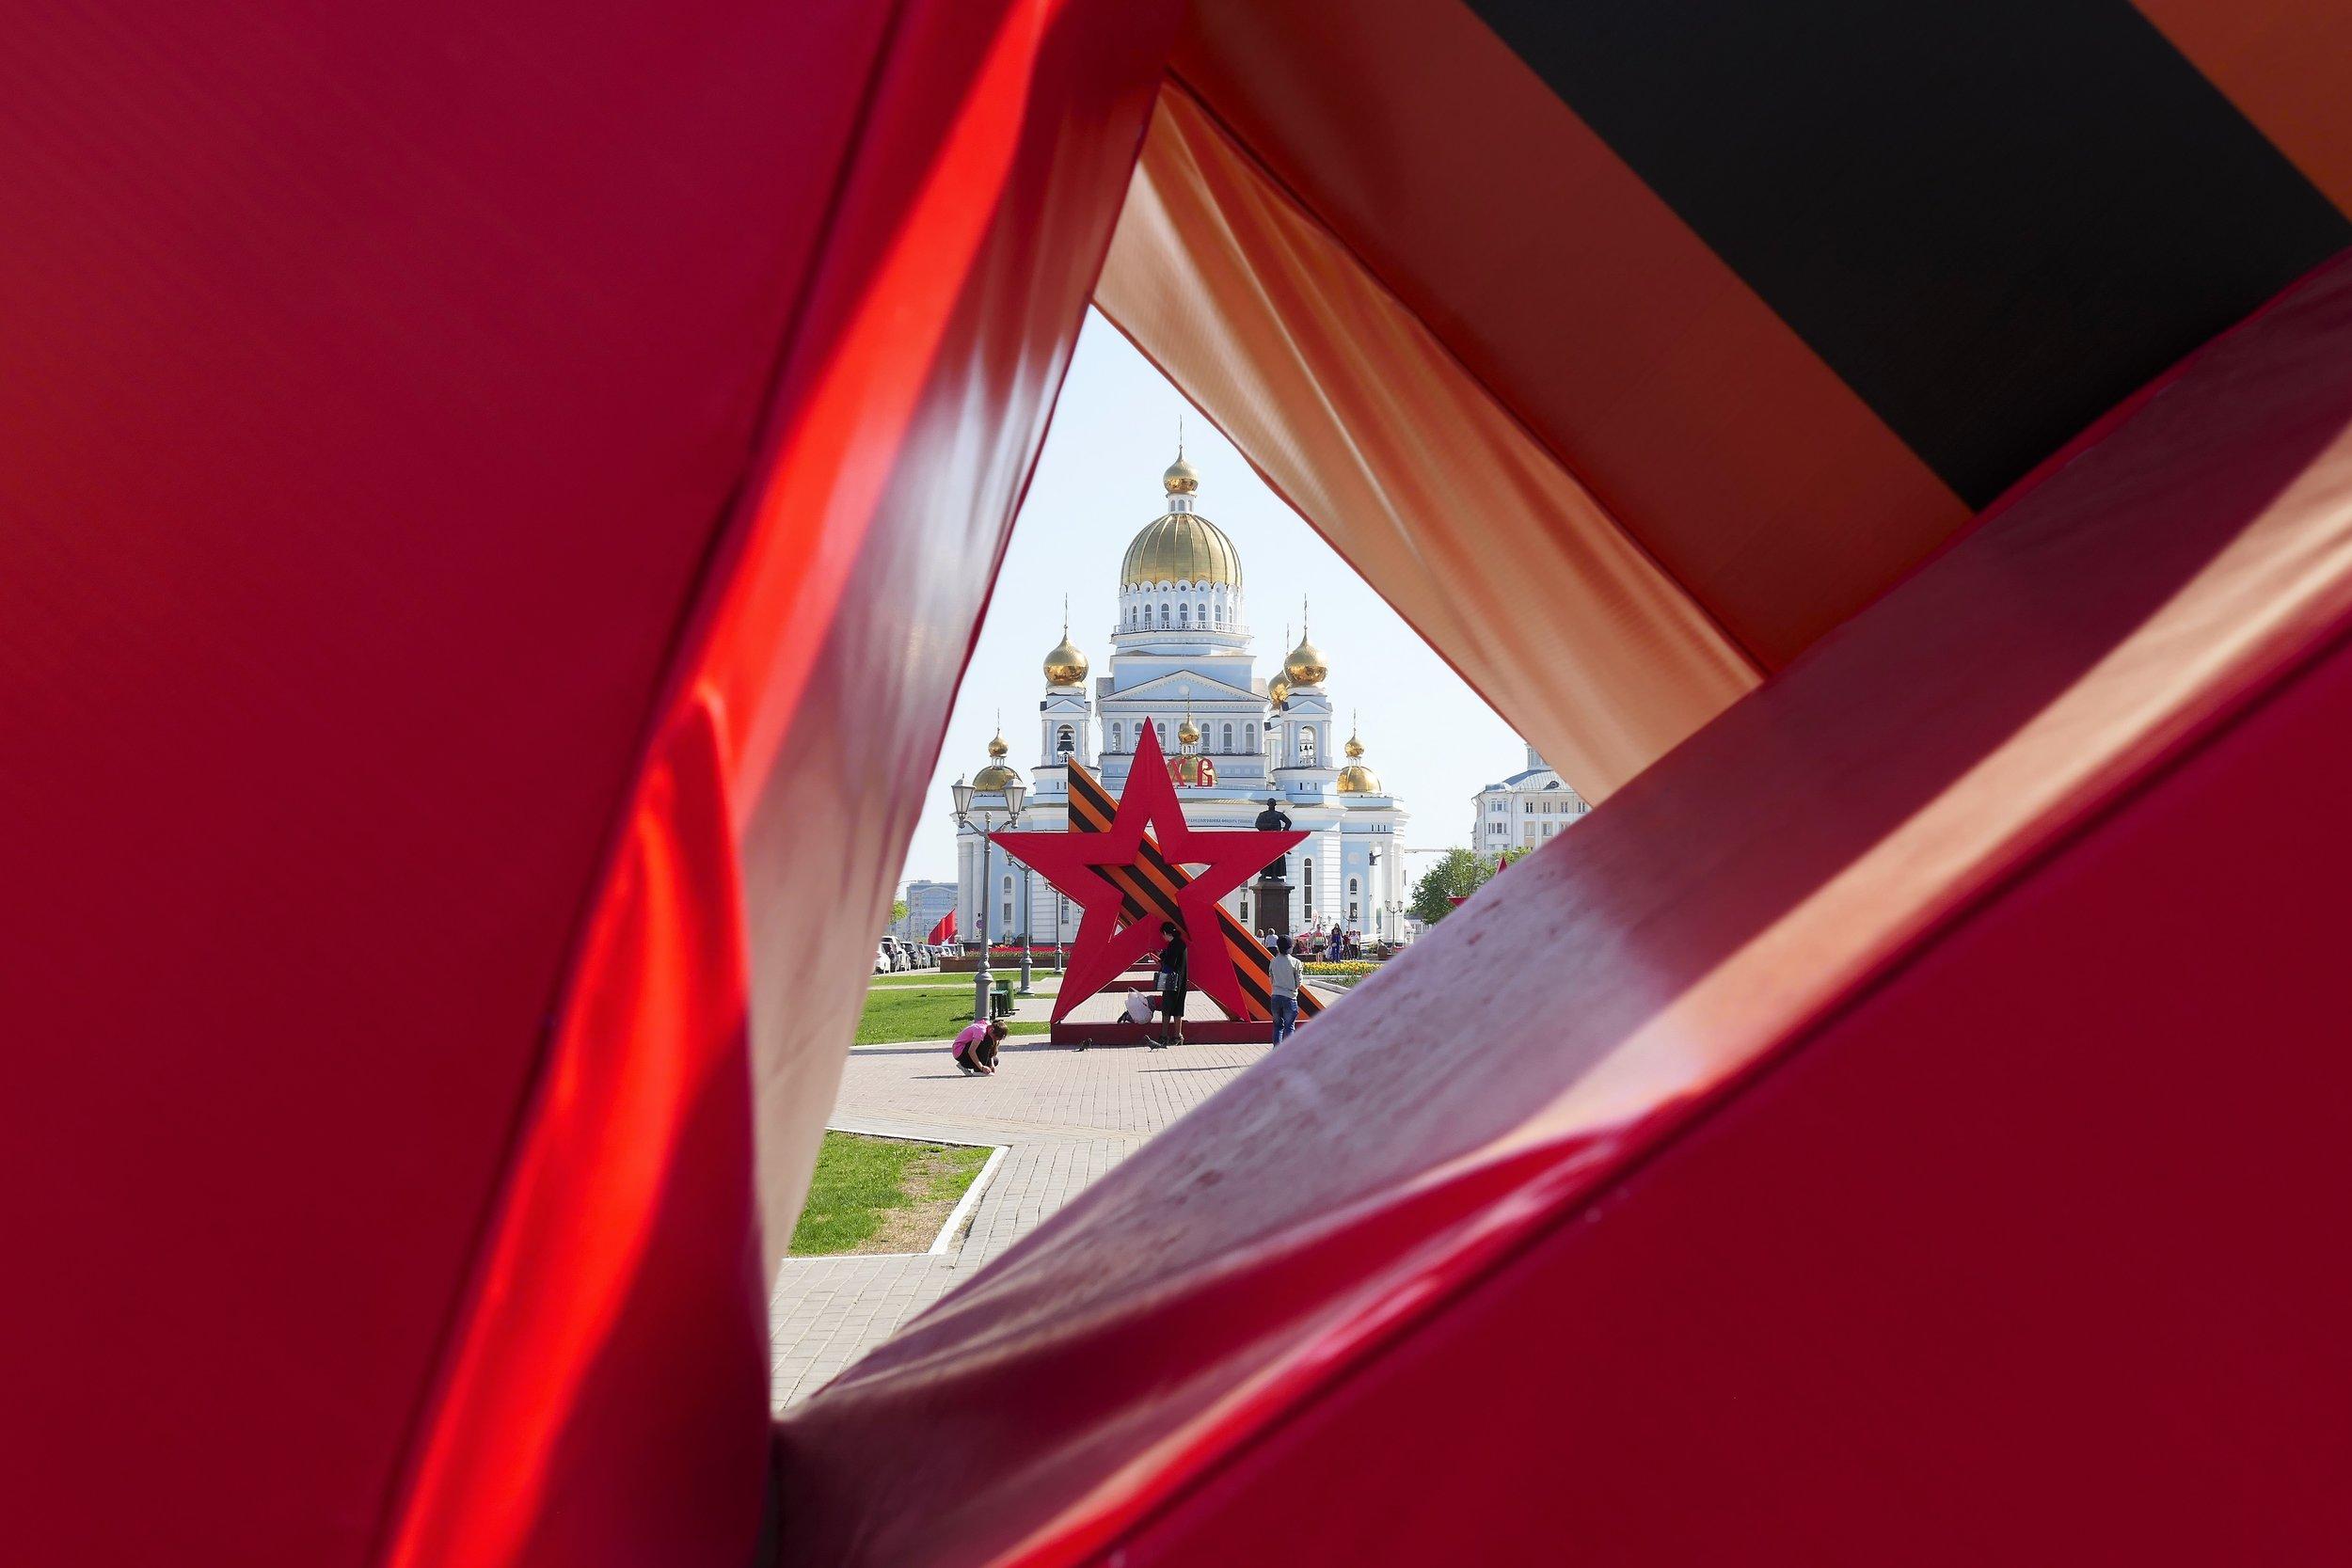 Quelques restes des célébrations du 8 mai, date anniversaire de la victoire de l'URSS sur l'Allemagne nazie.